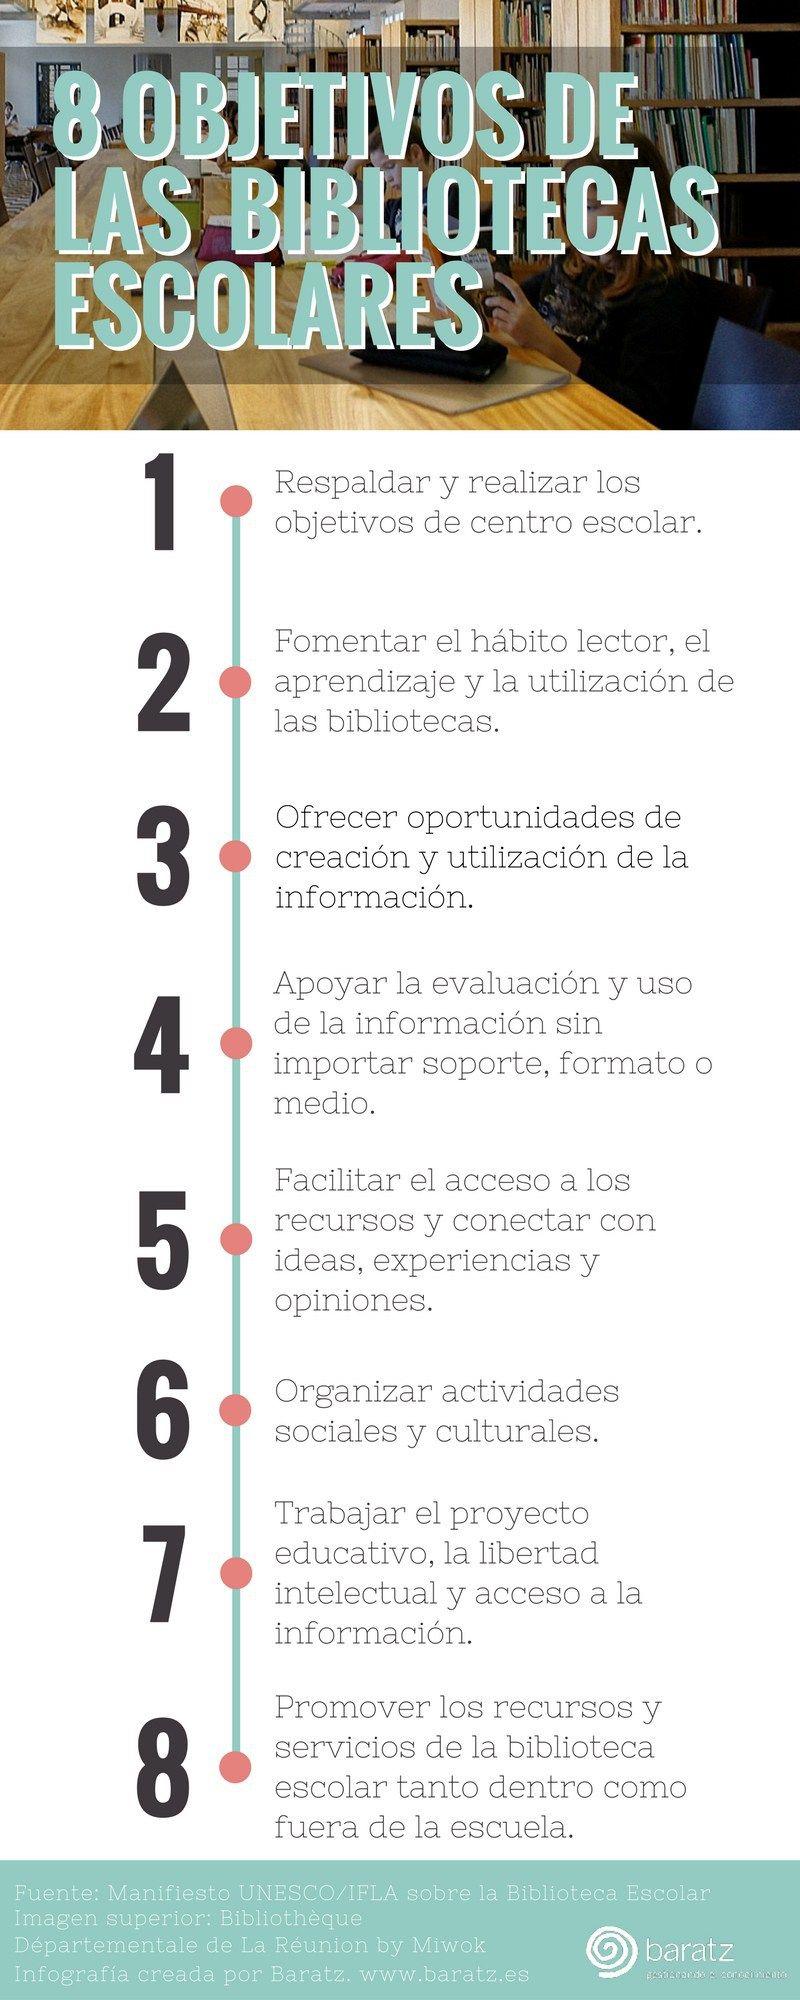 8 objetivos de las Bibliotecas Escolares #infografia #infographic ...